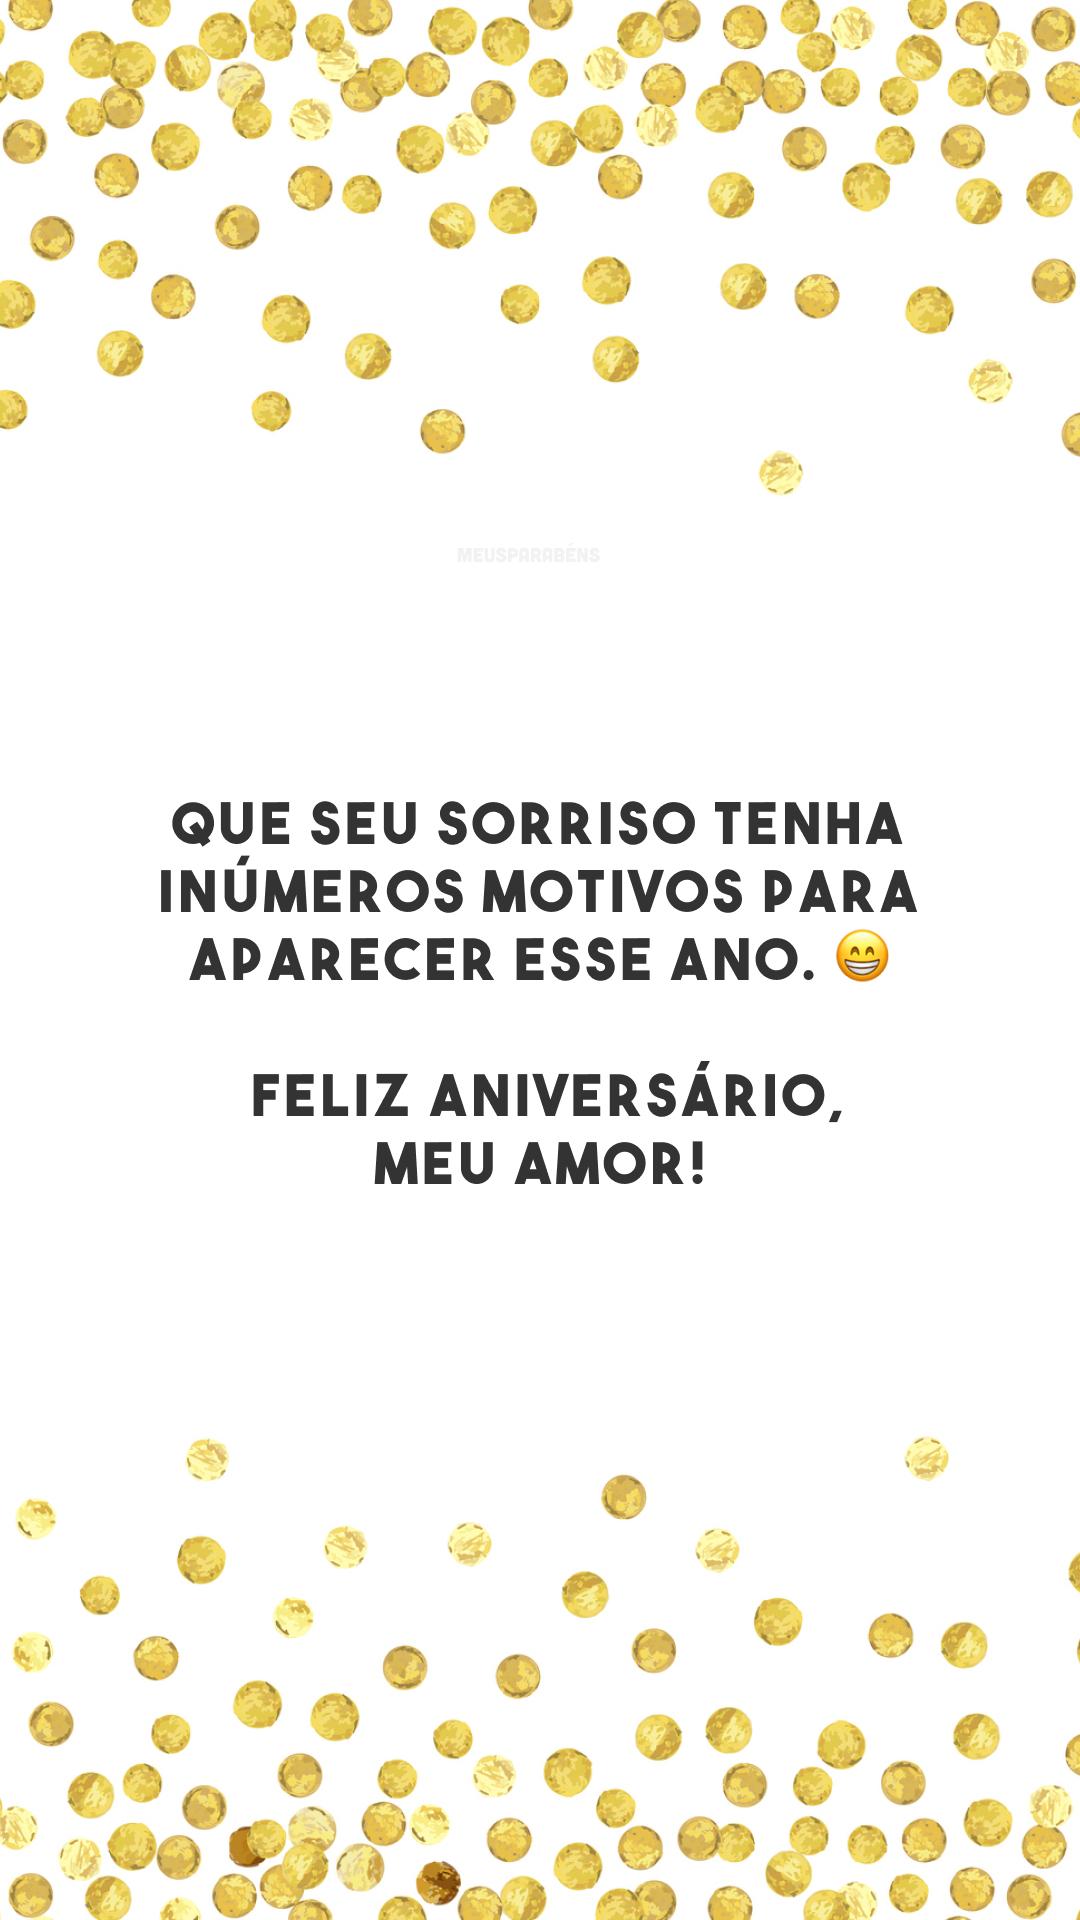 Que seu sorriso tenha inúmeros motivos para aparecer esse ano. 😁 Feliz aniversário, meu amor!